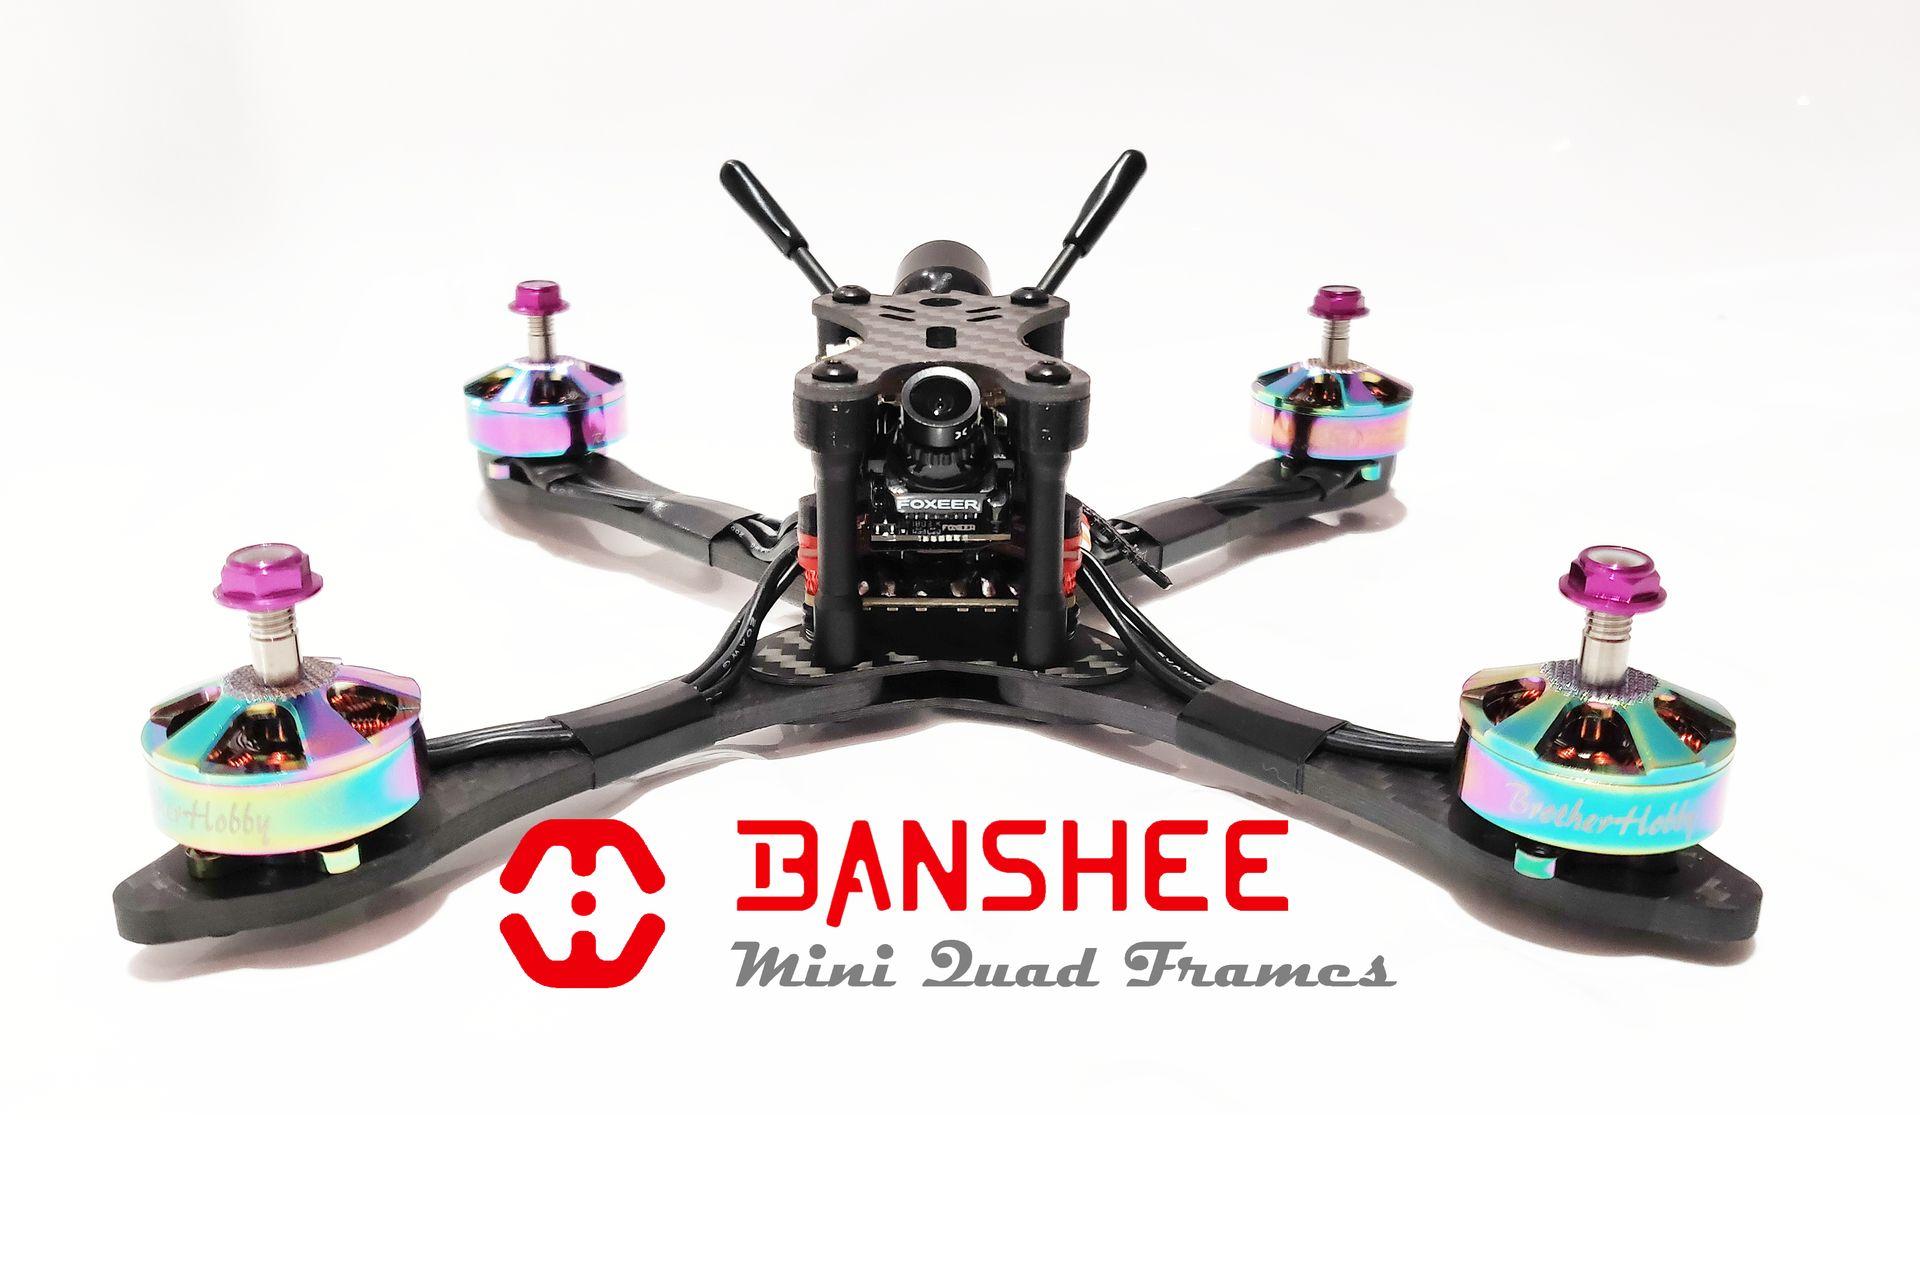 Banshee Mini Quad Frames Australia